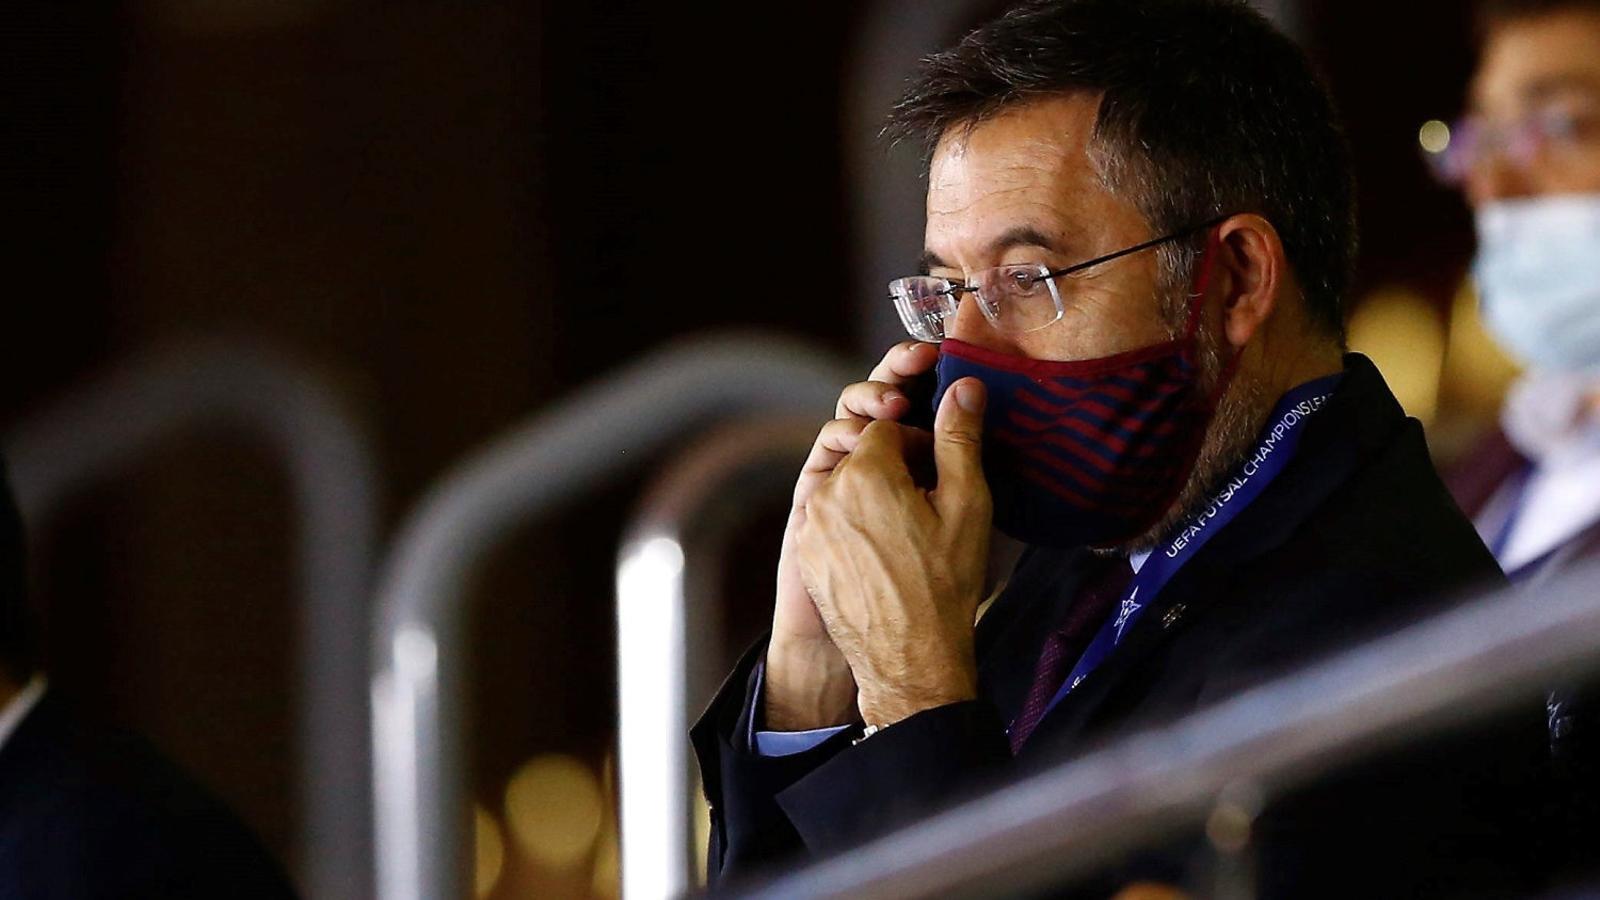 Els futbolistes del Barça, per ara, no s'asseuen a negociar la rebaixa salarial